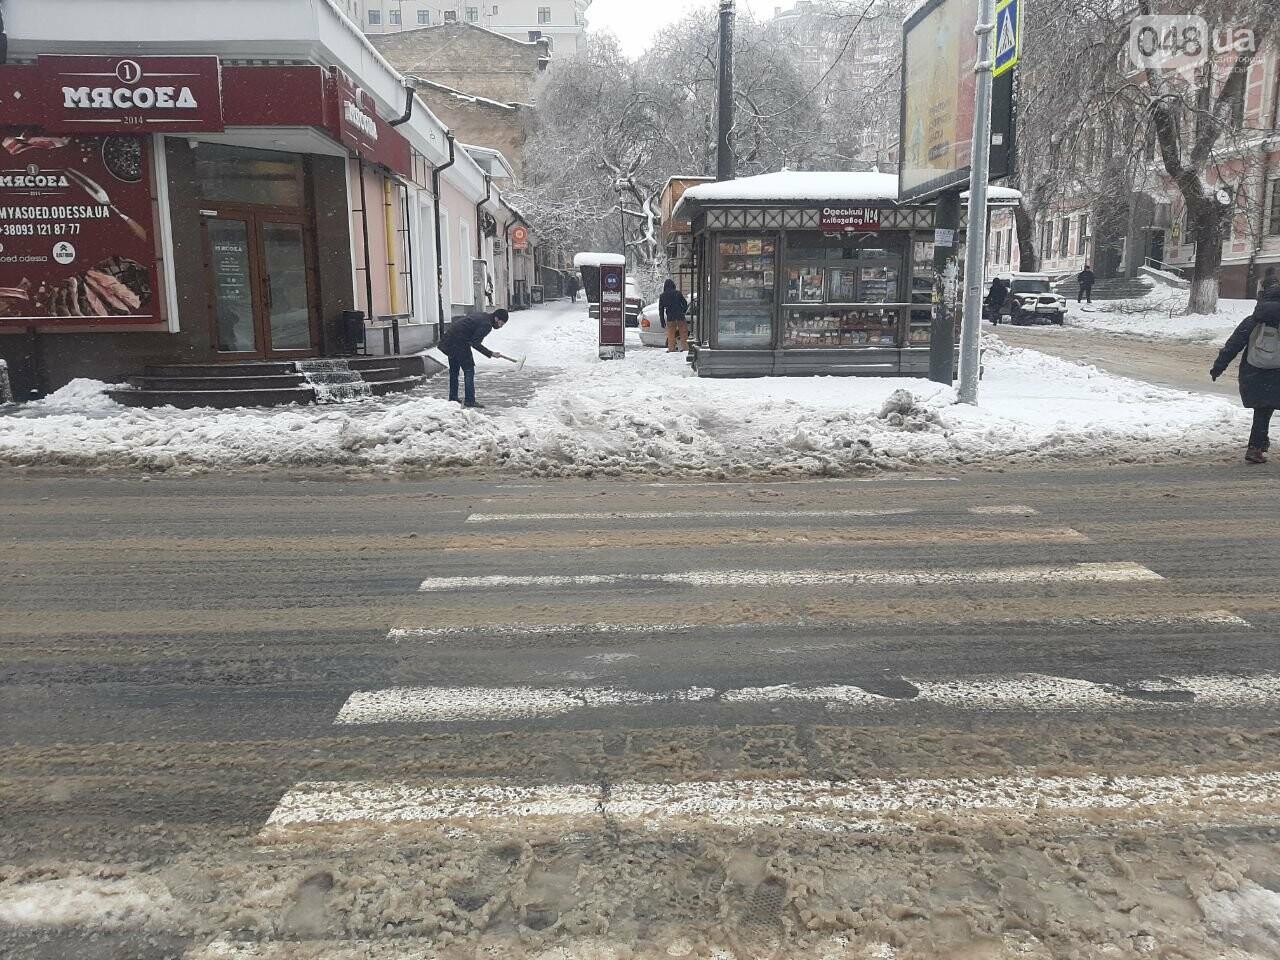 Последствия непогоды в Одессе, - ФОТОРЕПОРТАЖ, фото-22